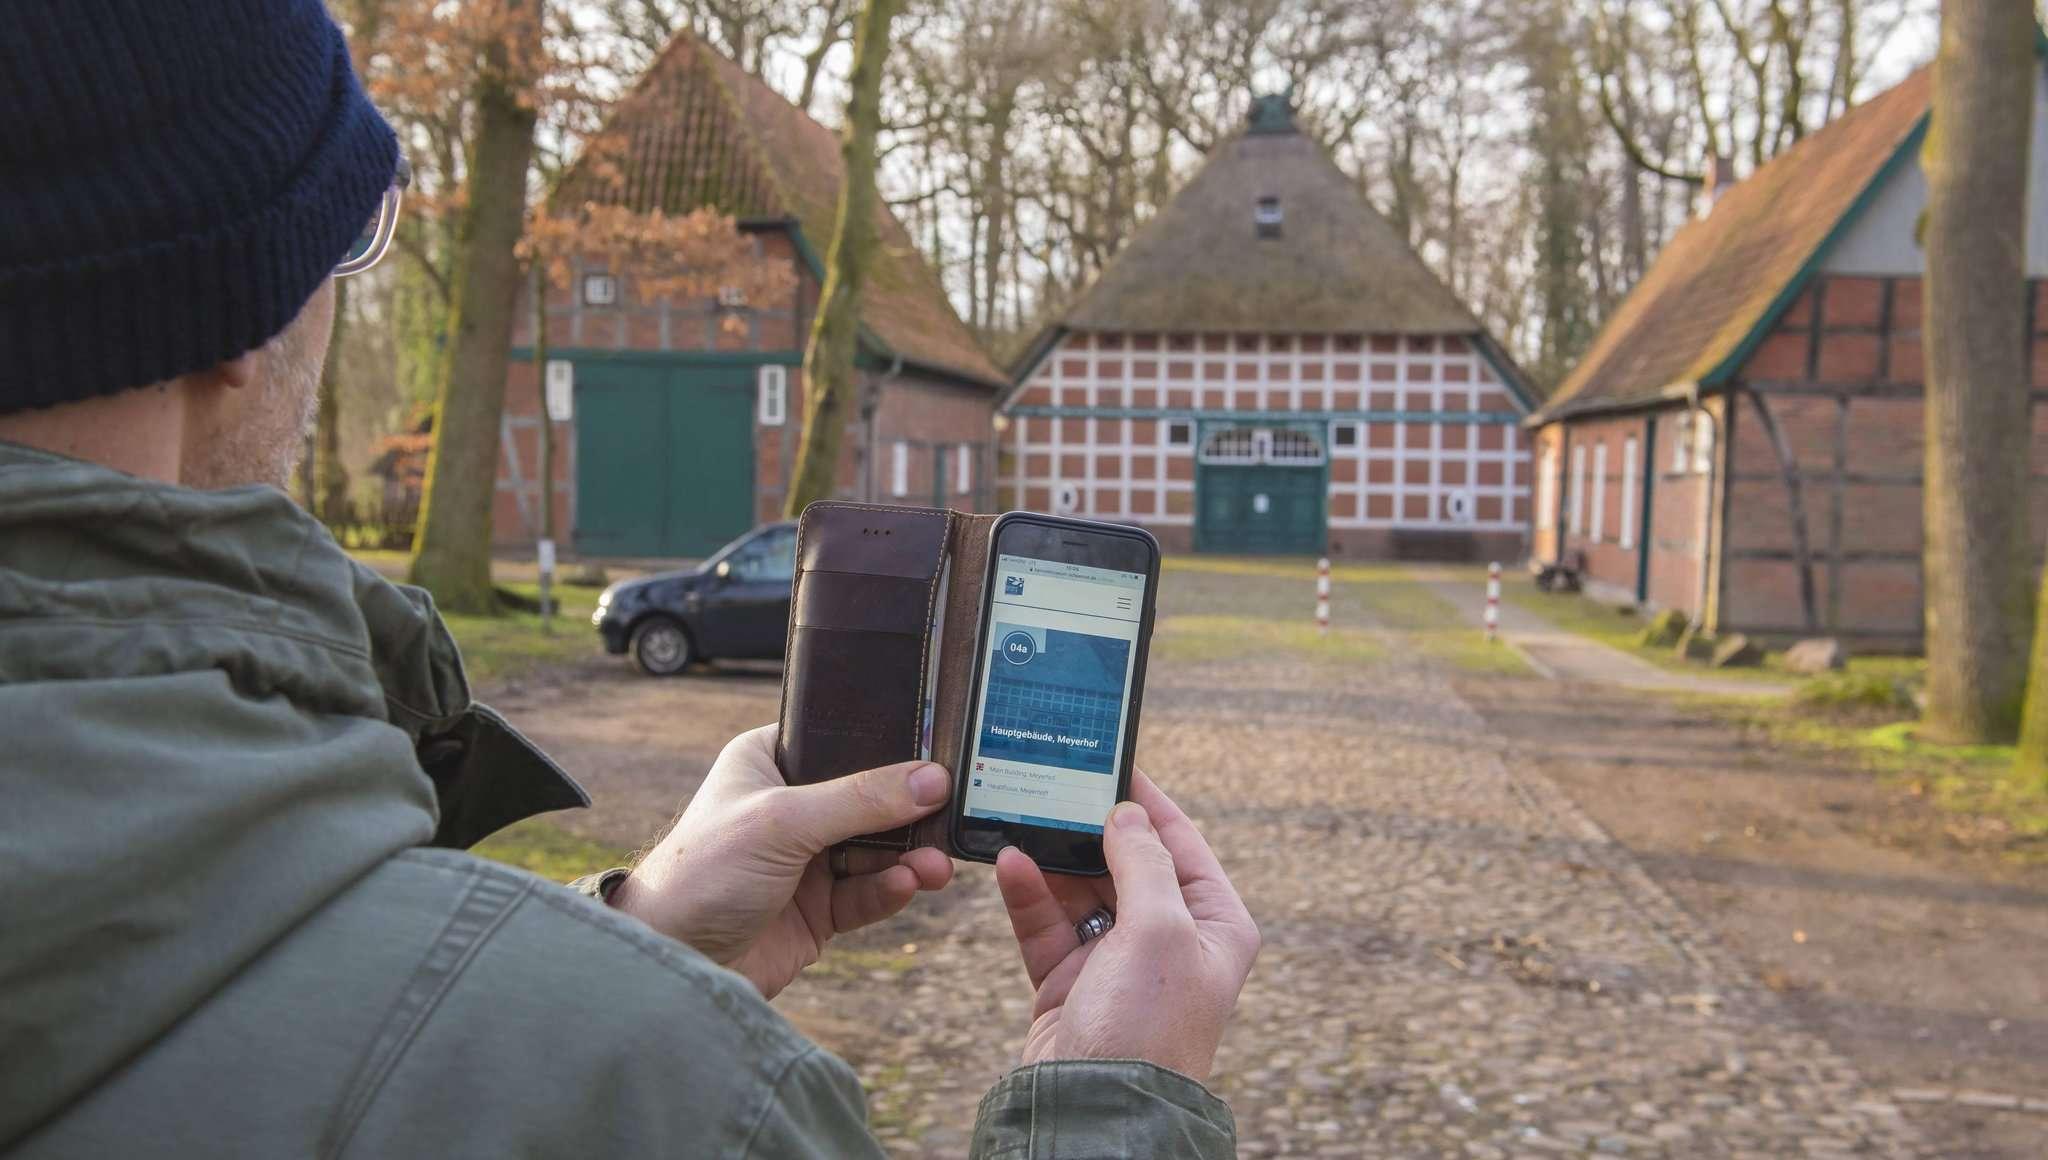 Der neue Gemeinderundgang ist ganz einfach online abrufbar und so auch individuell und corona-konform möglich. Foto: Ulla Heyne